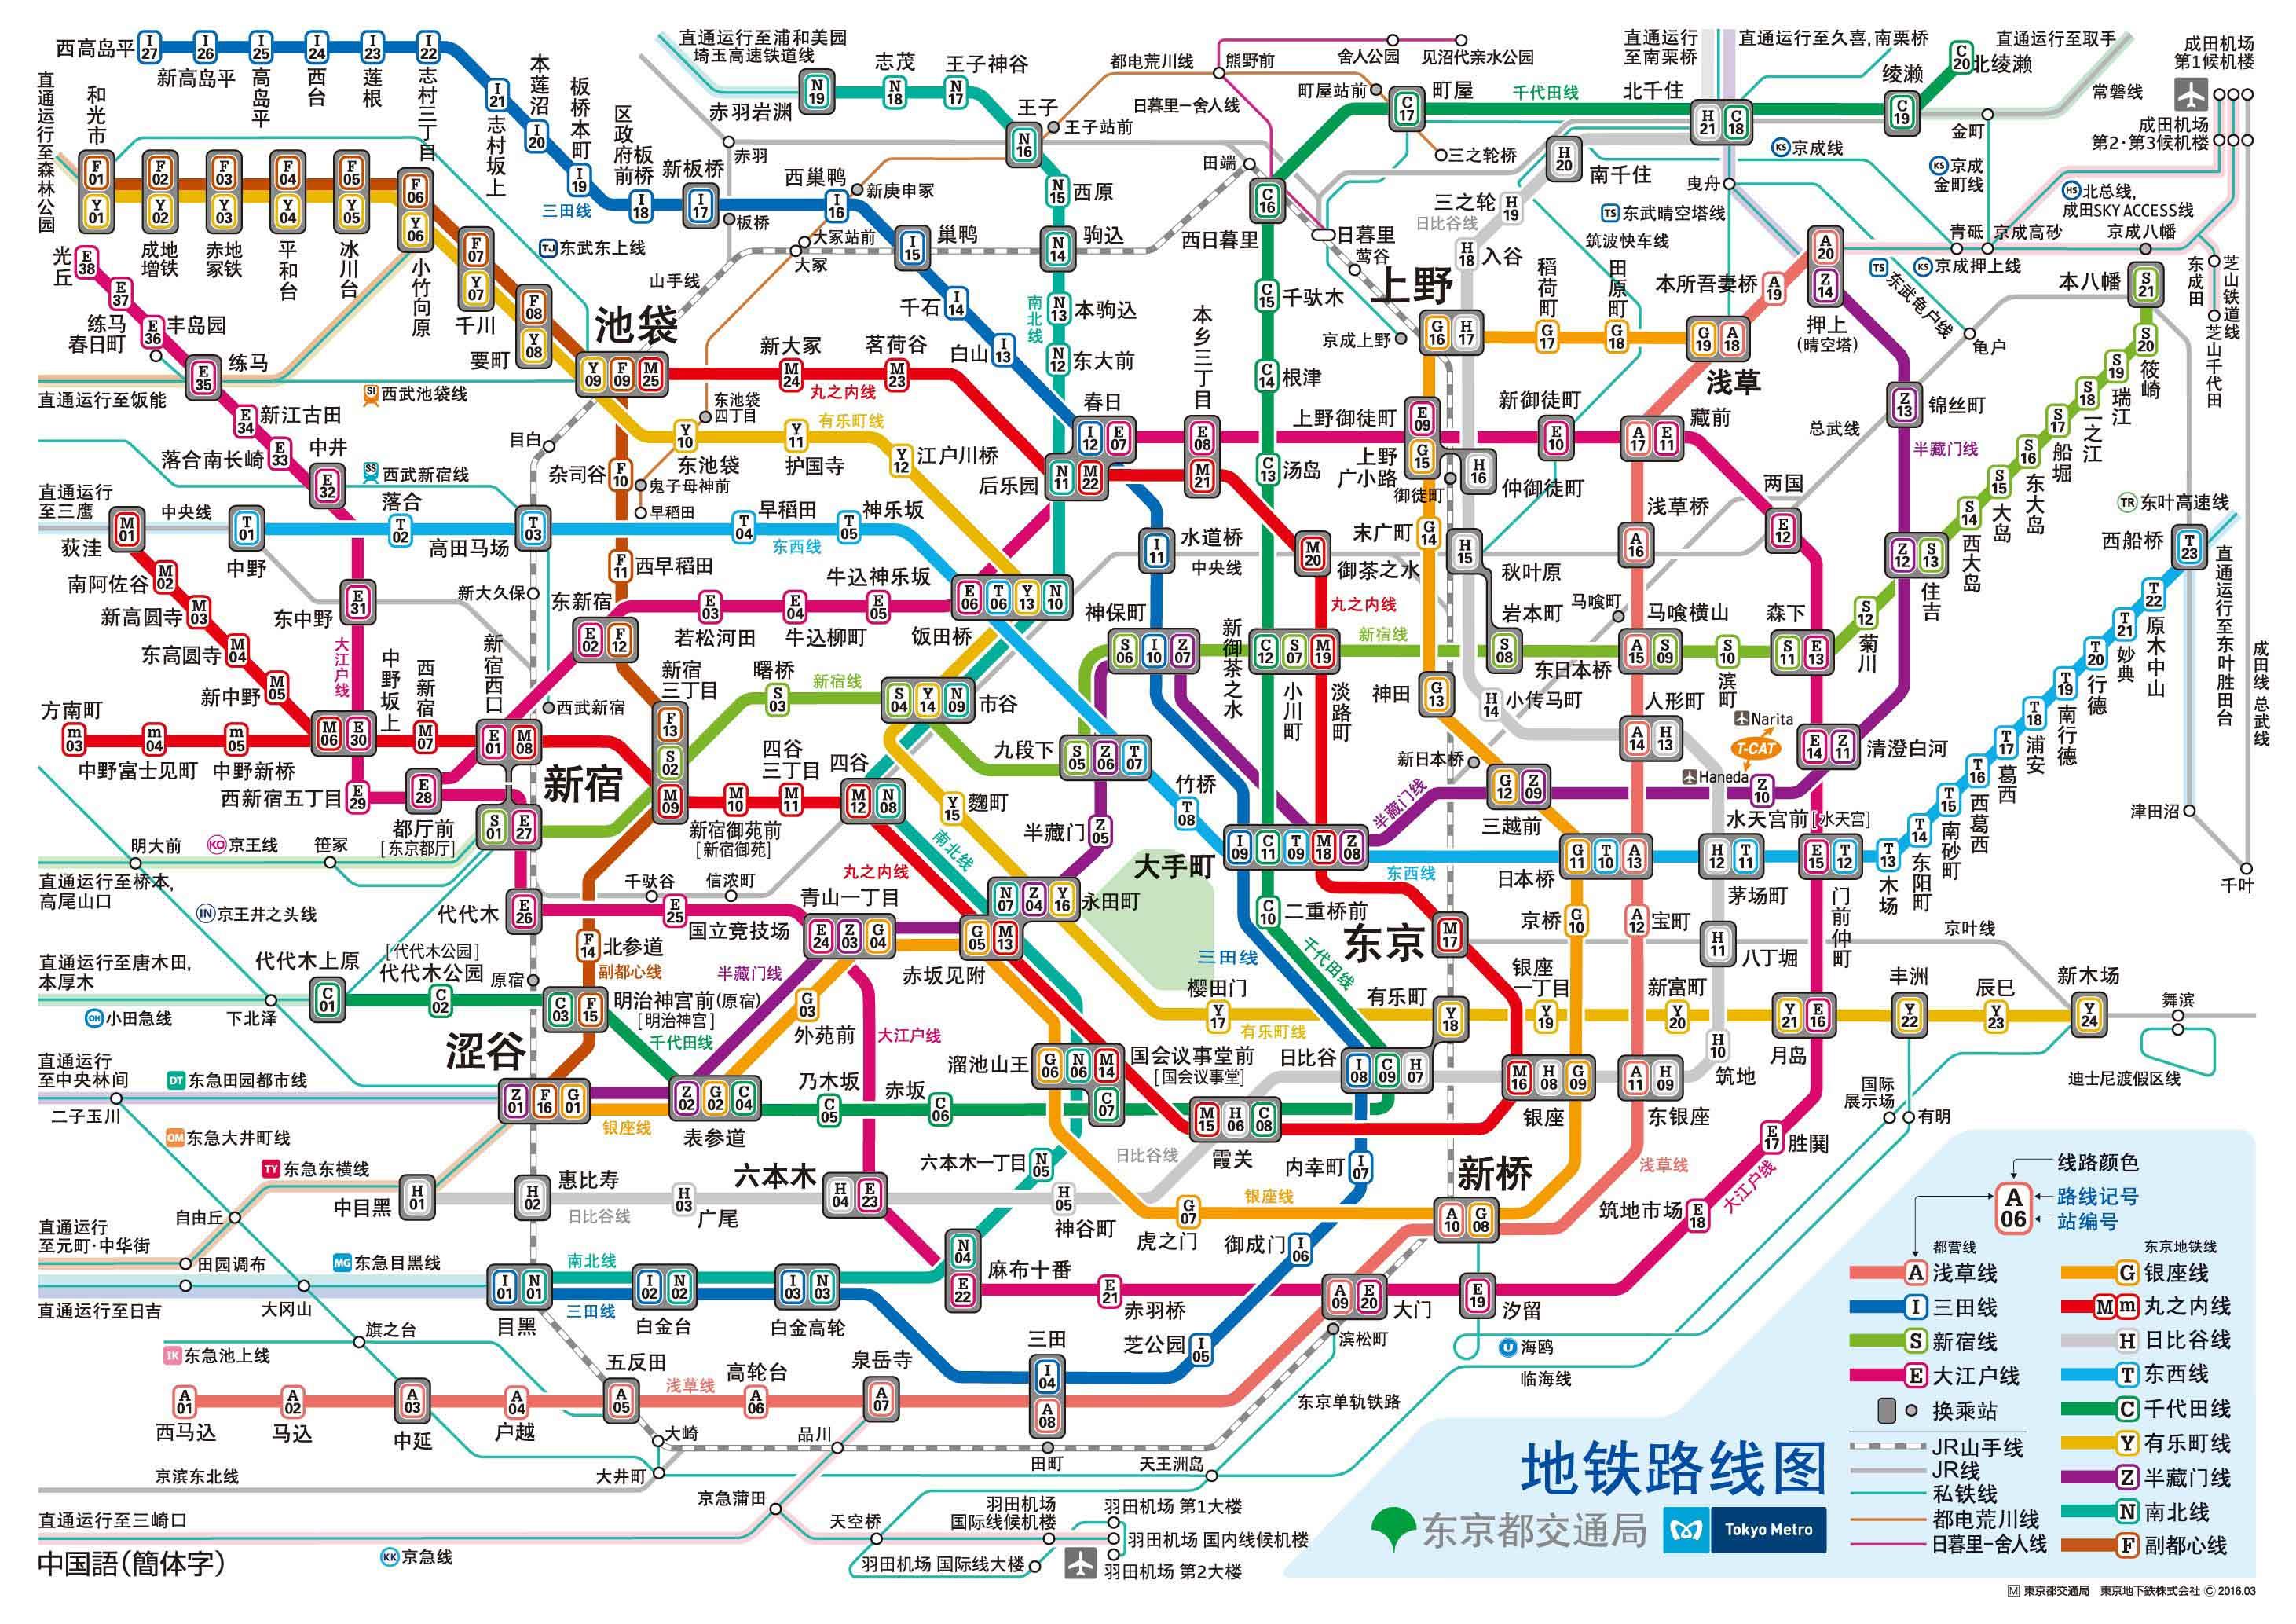 日本东京地铁线路图 运营时间票价站点 查询下载 东京地铁票价 东京地铁运营时间 东京地铁线路图 都营地铁 东京地铁 日本地铁 日本地铁线路图  第2张